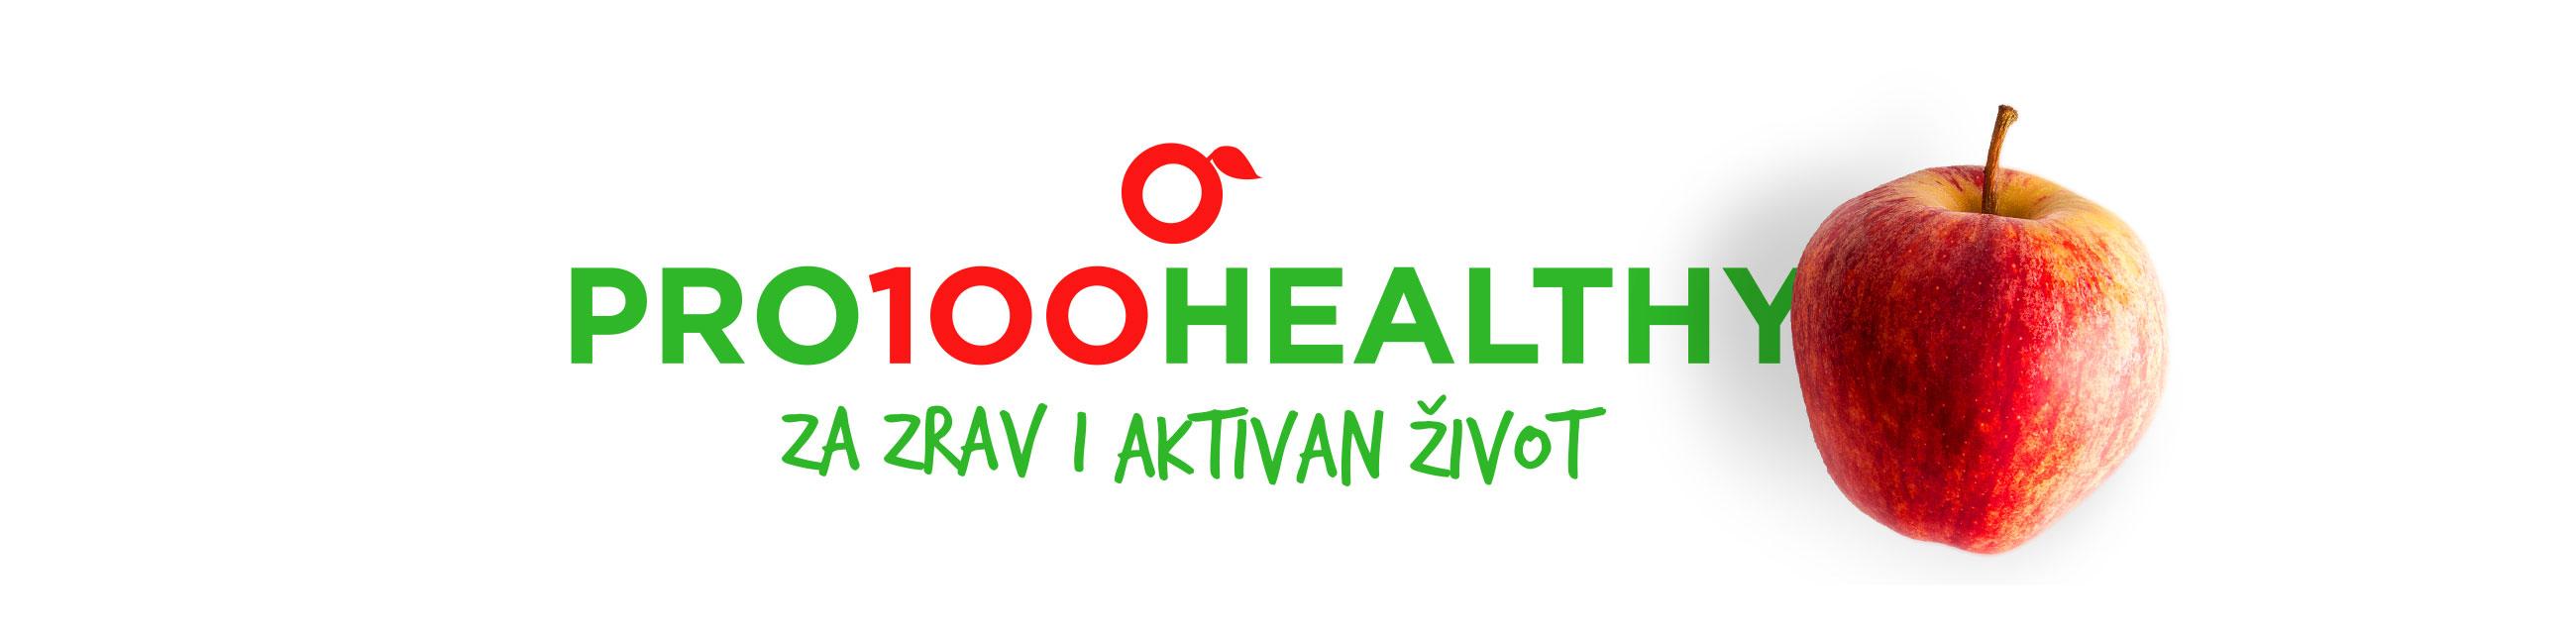 Pro100healthy